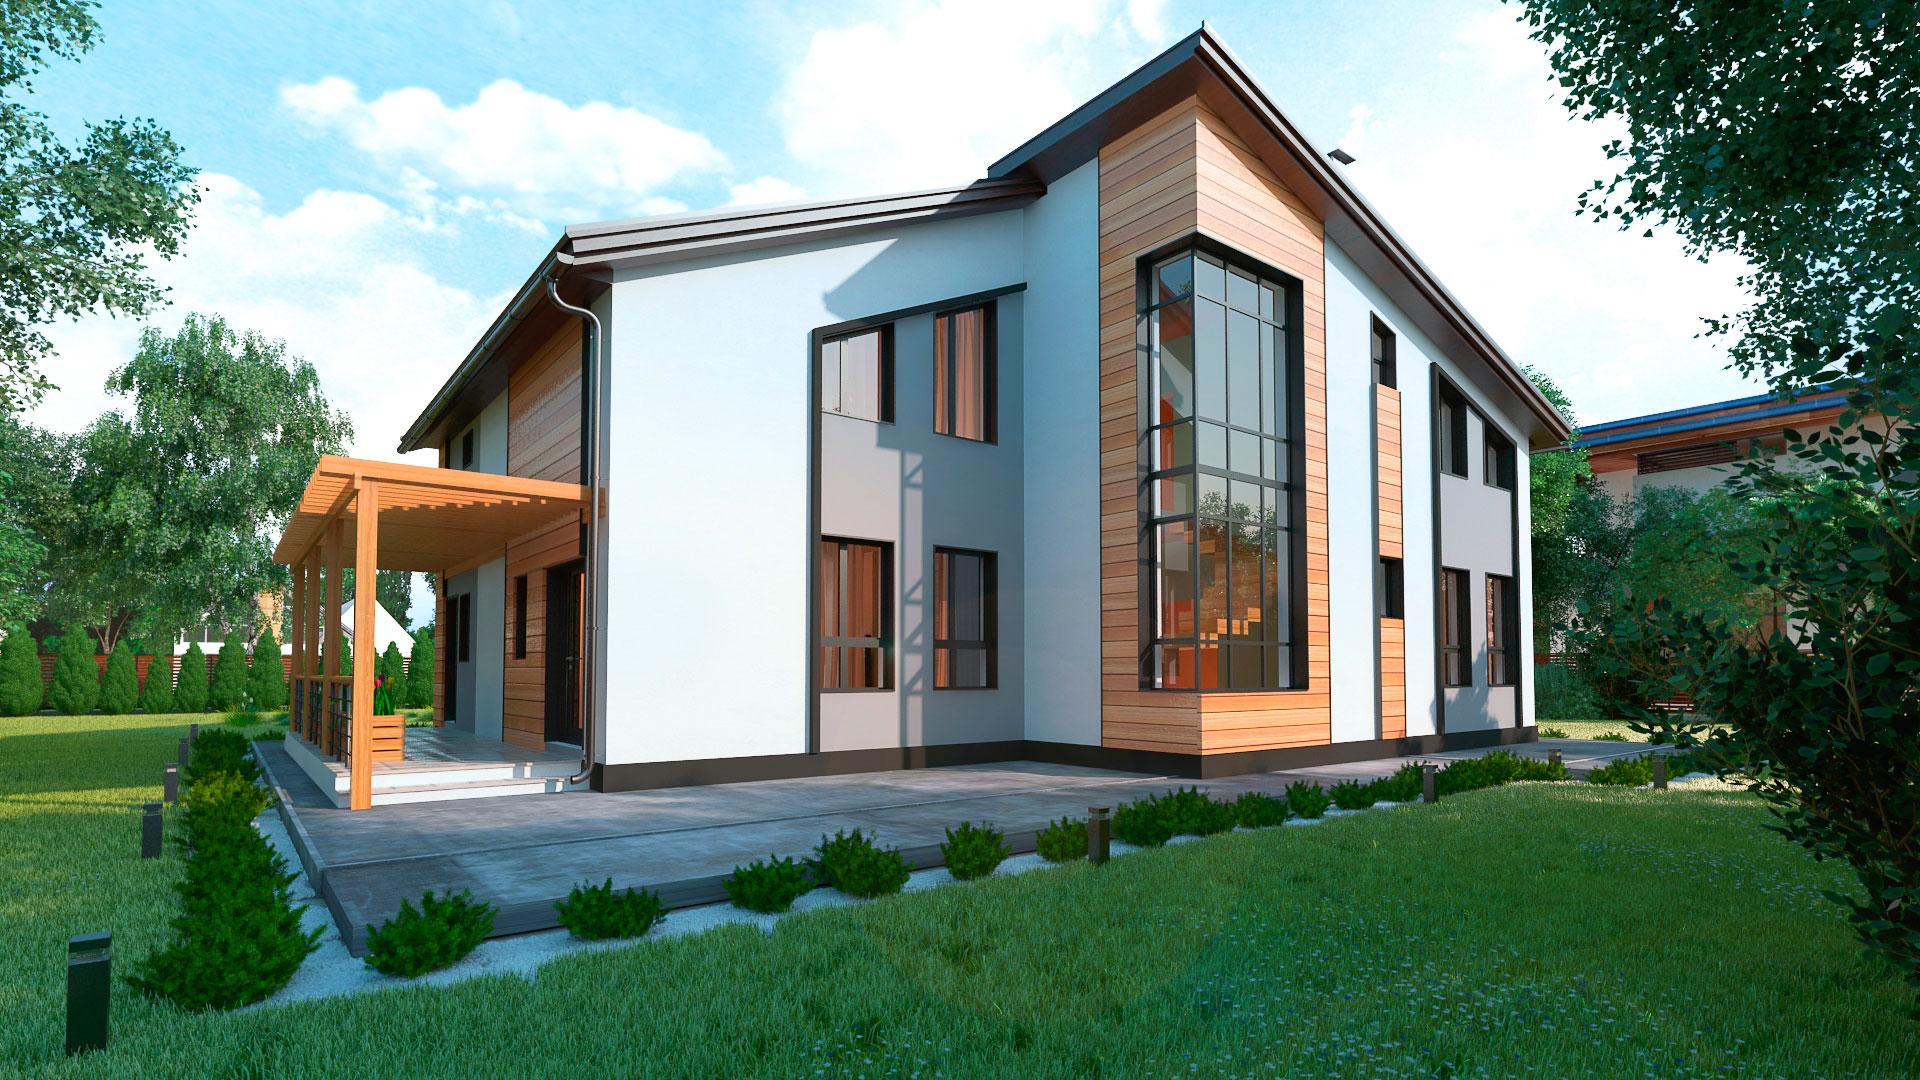 Боковой фасад двухэтажного шестикомнатного дома с террасой и балконом, проект БЭНПАН МС-296.